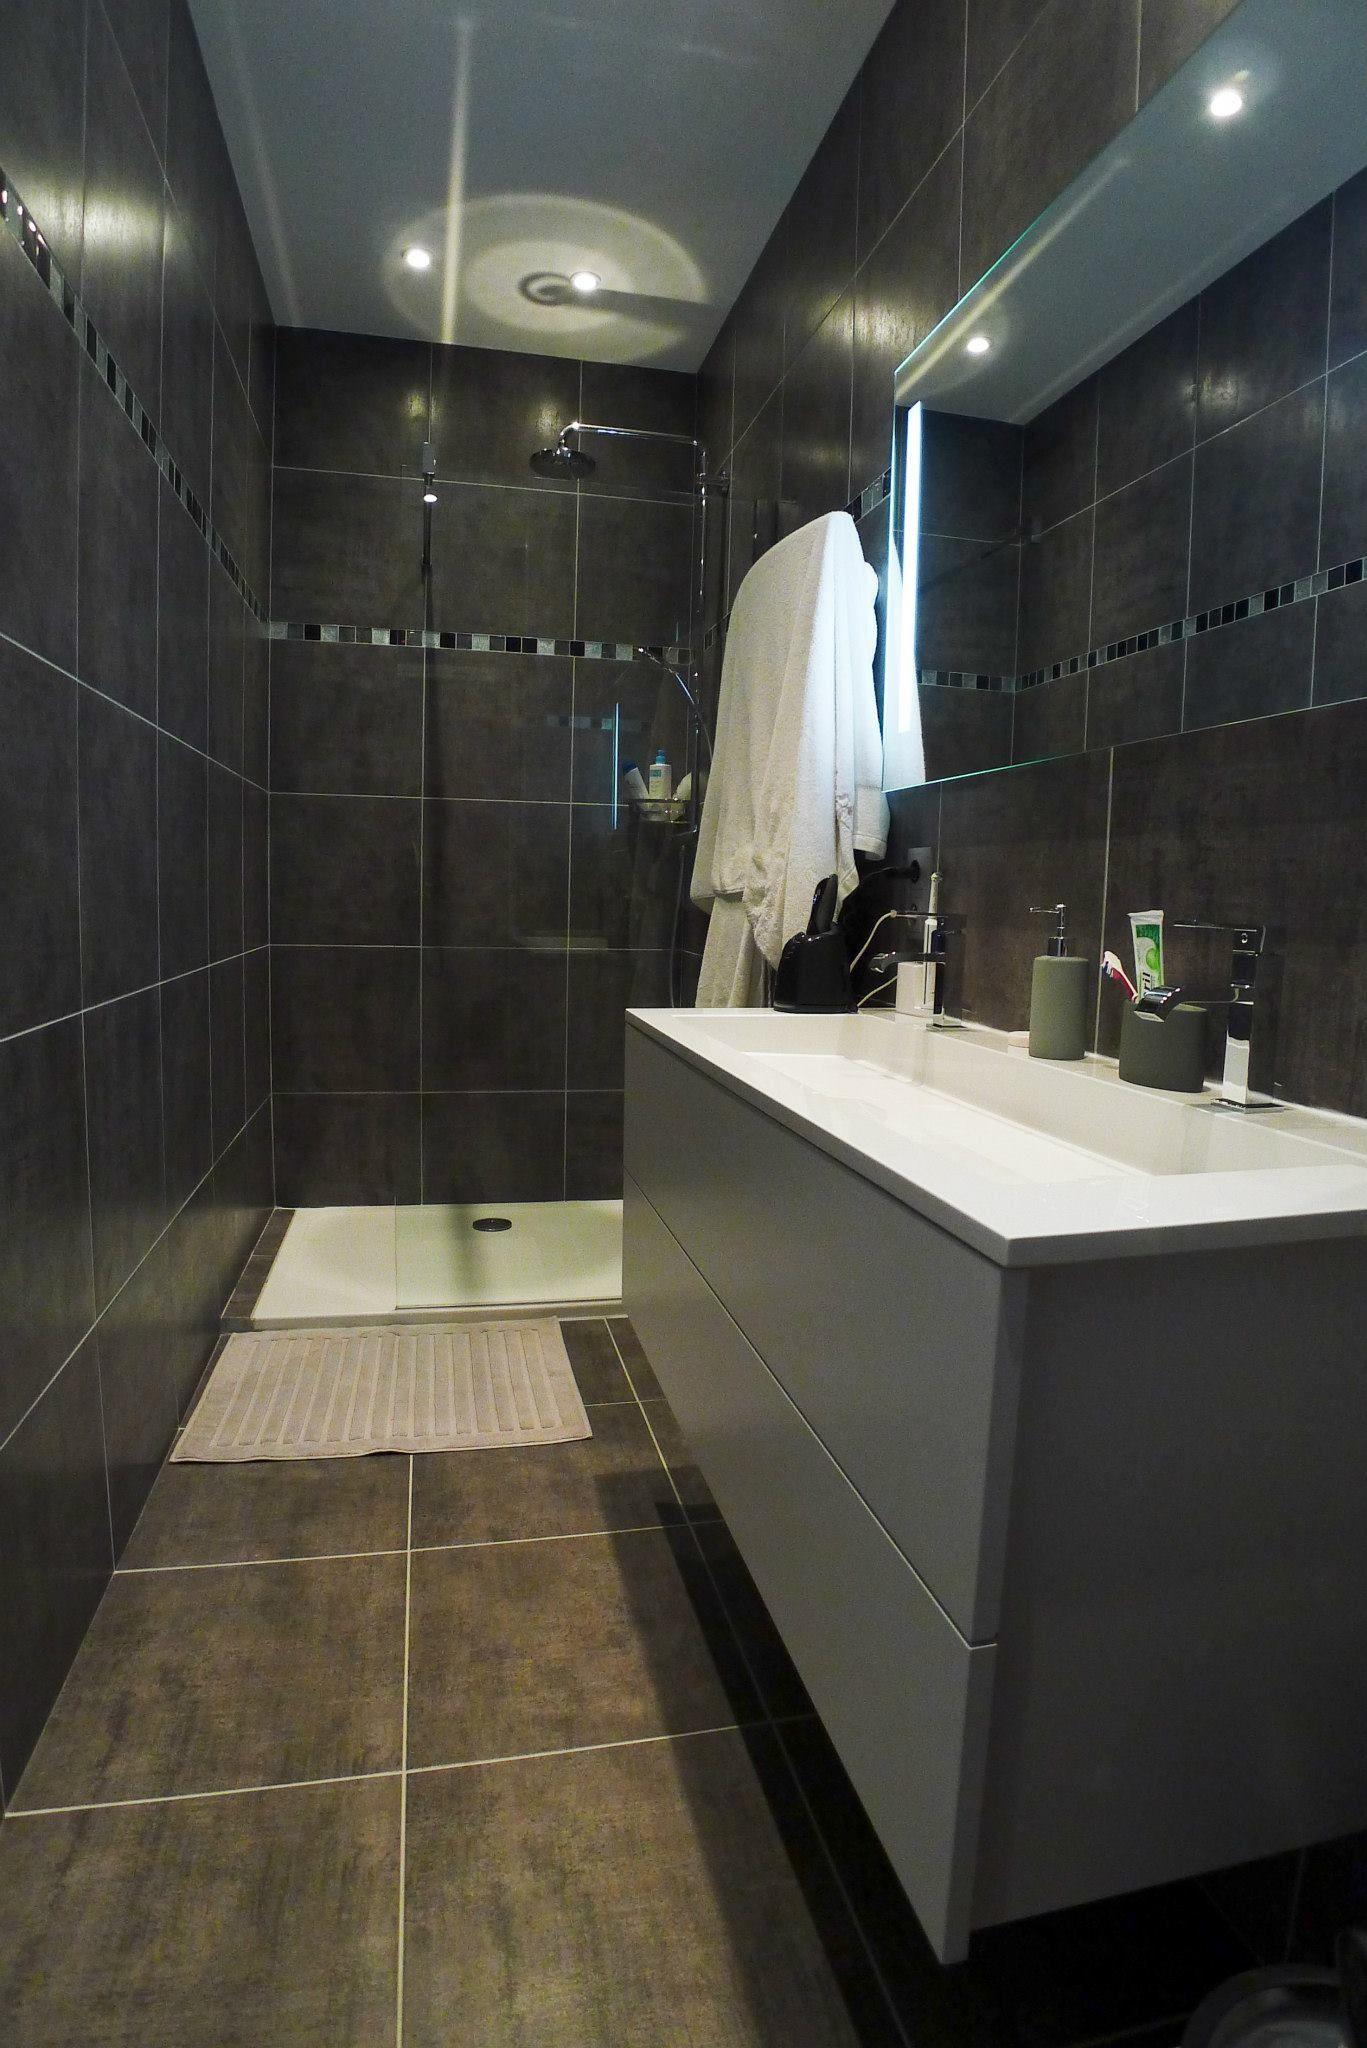 Salle de bain r nov e par de grands carreaux de carrelage - Carrelage noir brillant salle de bain ...